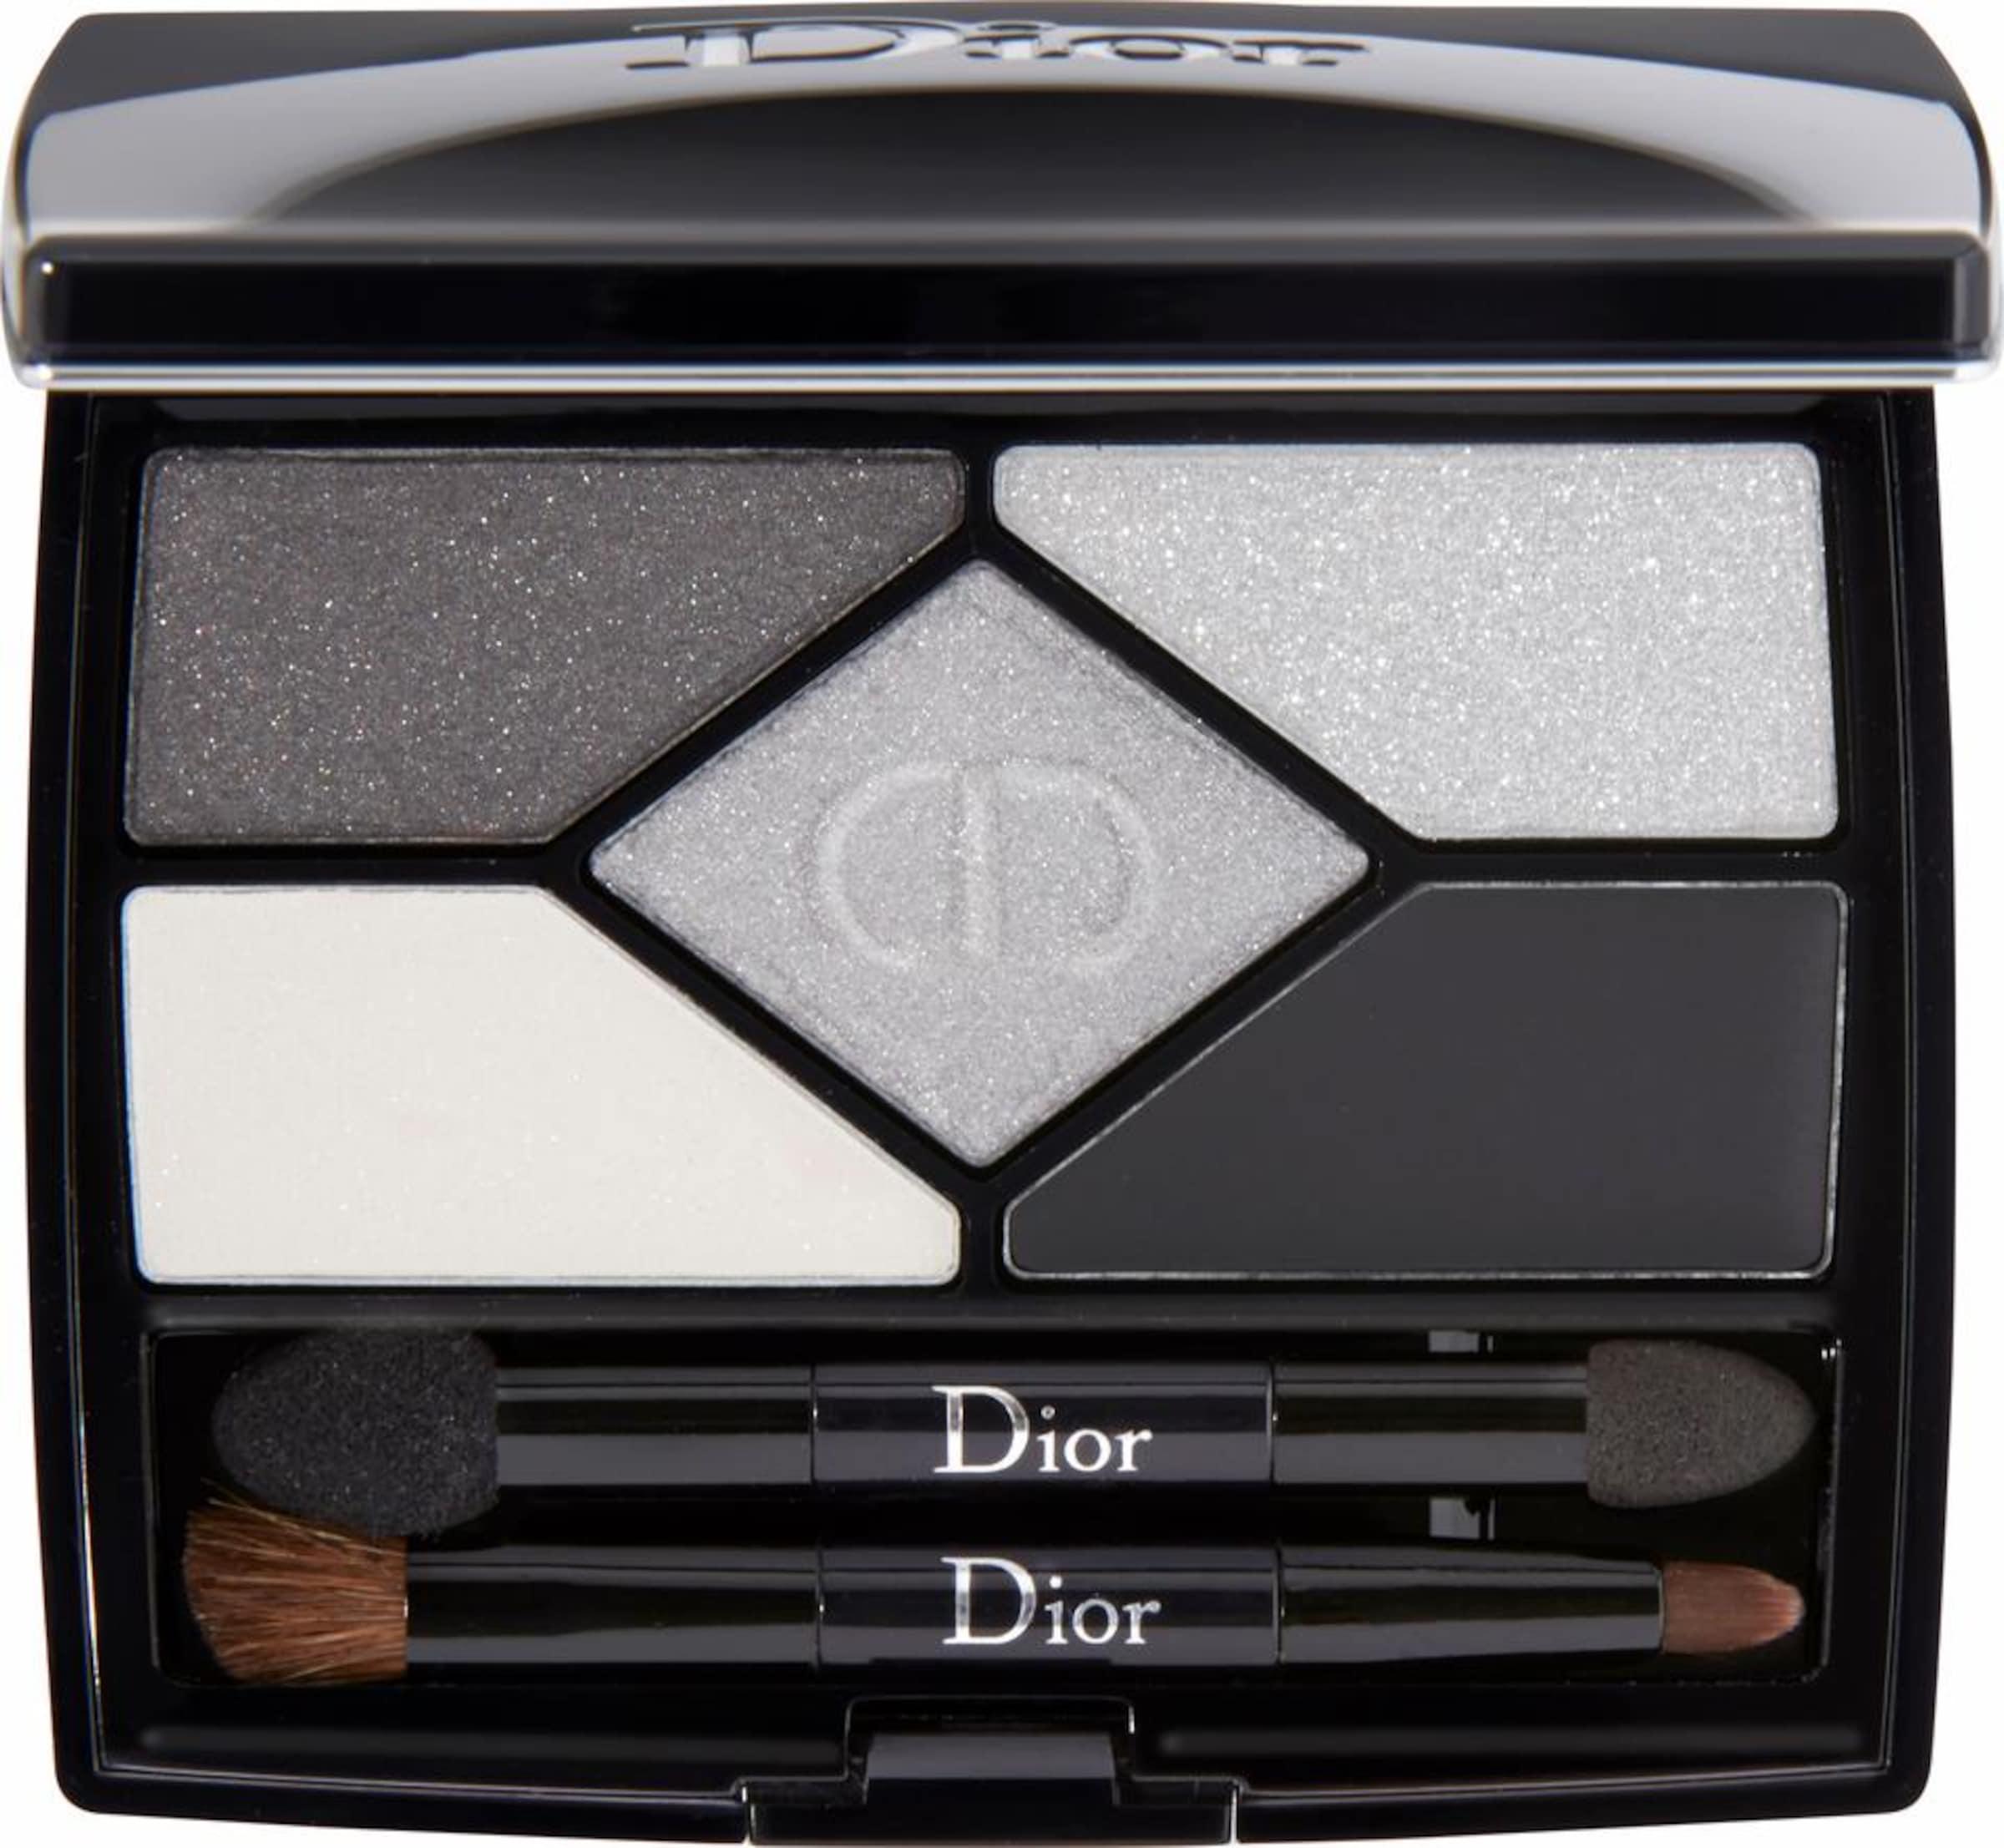 Dior '5 Couleurs Designer' Lidschatten-Palette Freies Verschiffen Bester Großhandel y4XE7